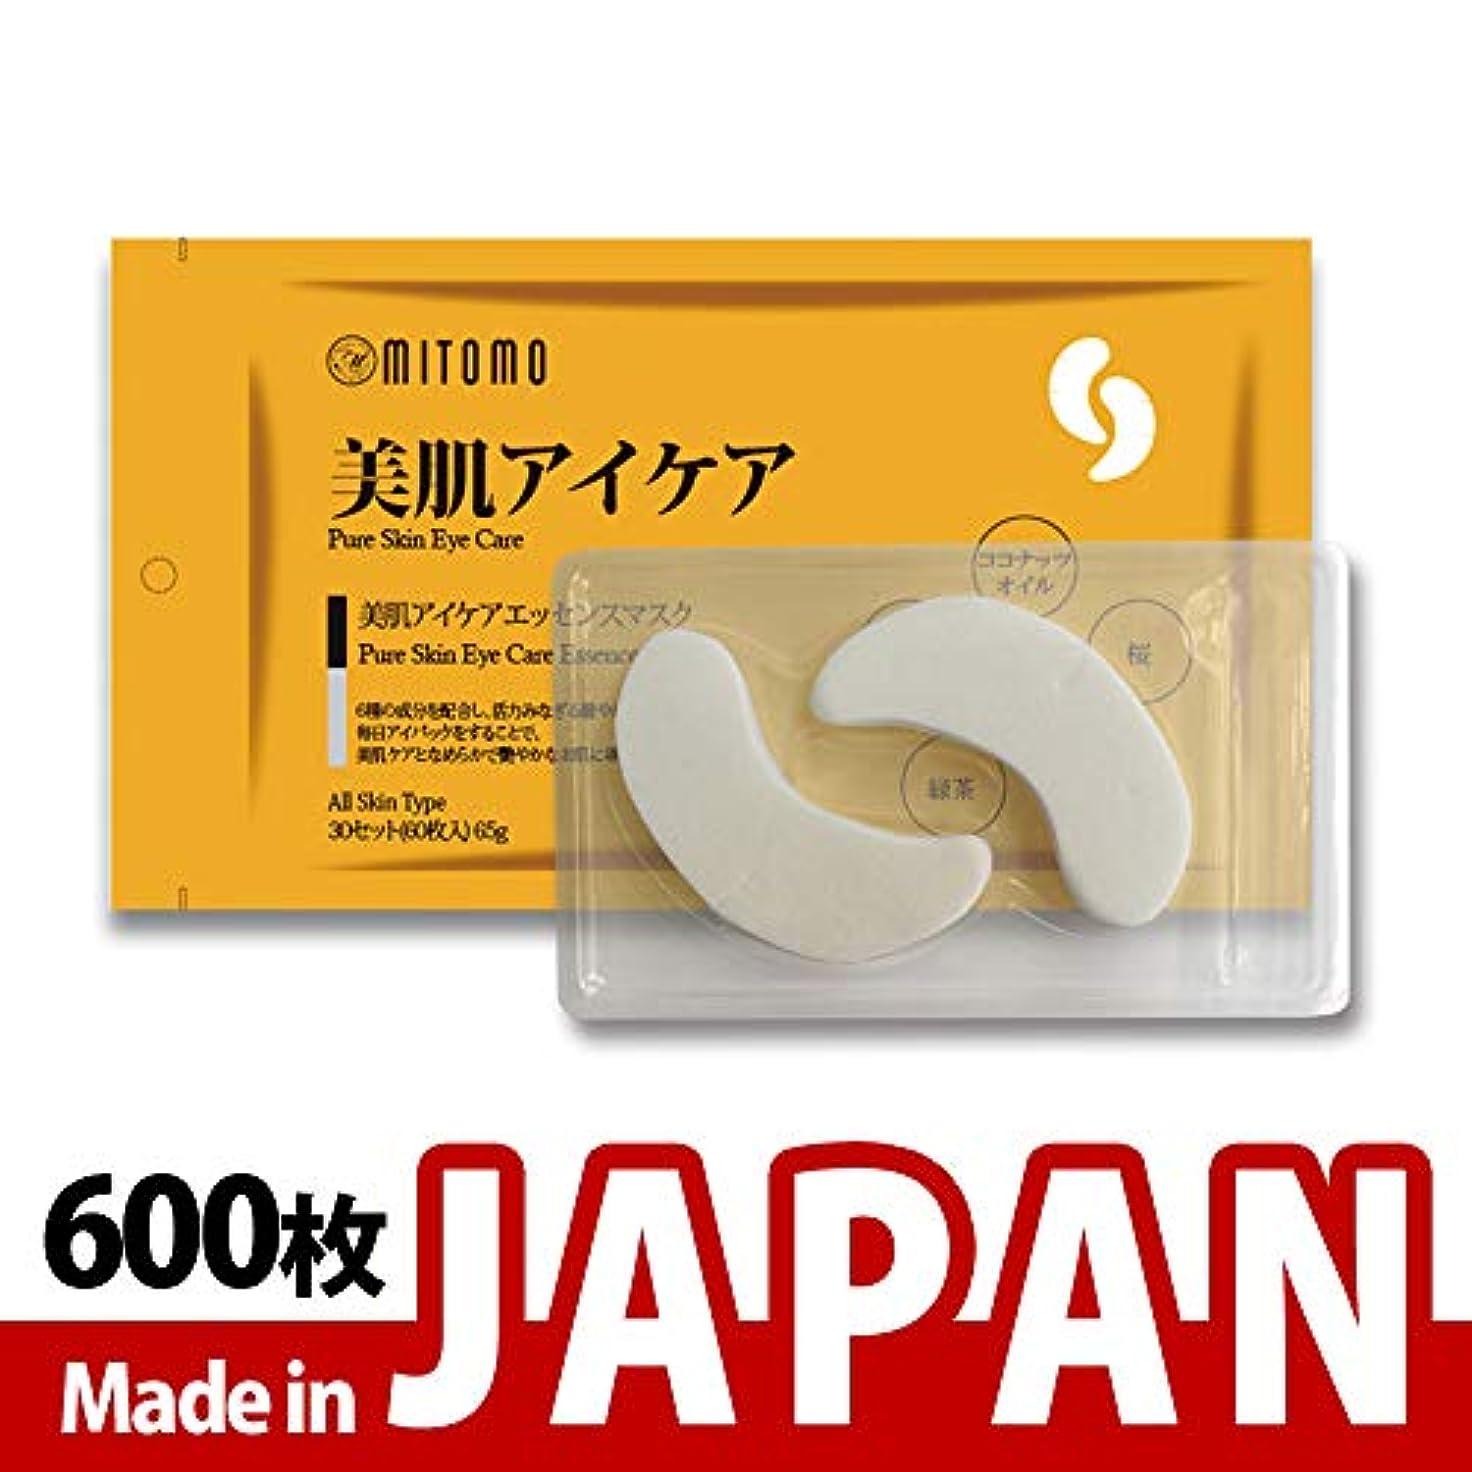 ミリメーターアウターイル【MC005-A-0】シートマスク/60枚入り/600枚/美容液/マスクパック/送料無料